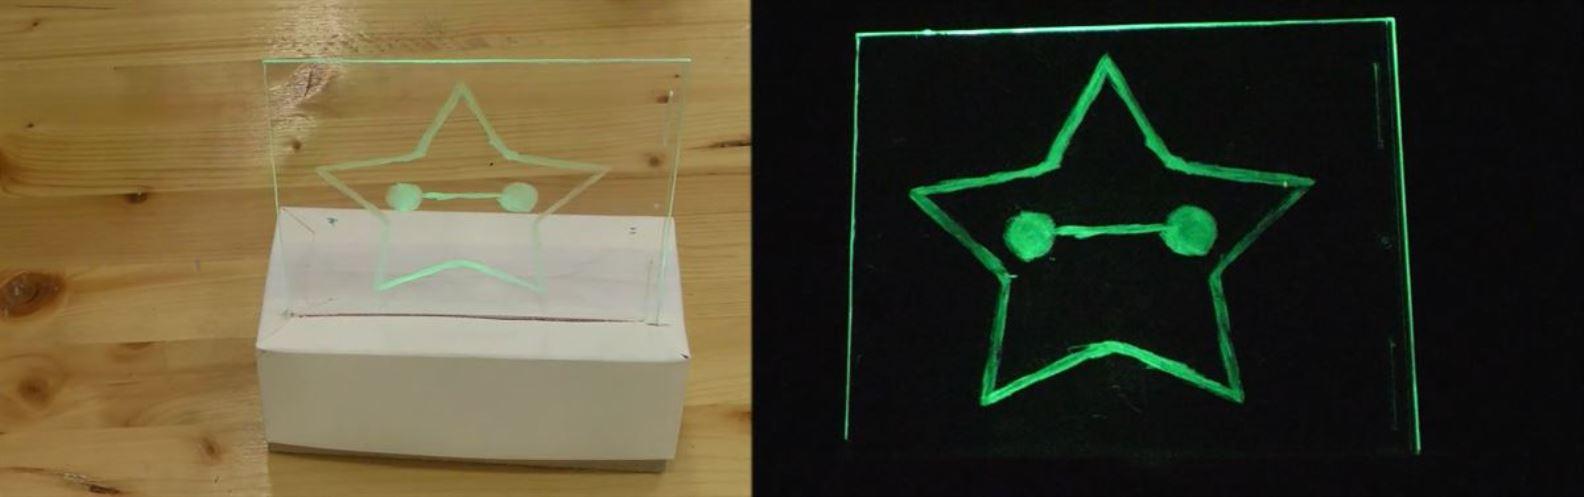 Actividad para niños de Robots: Lámpara de Navidad